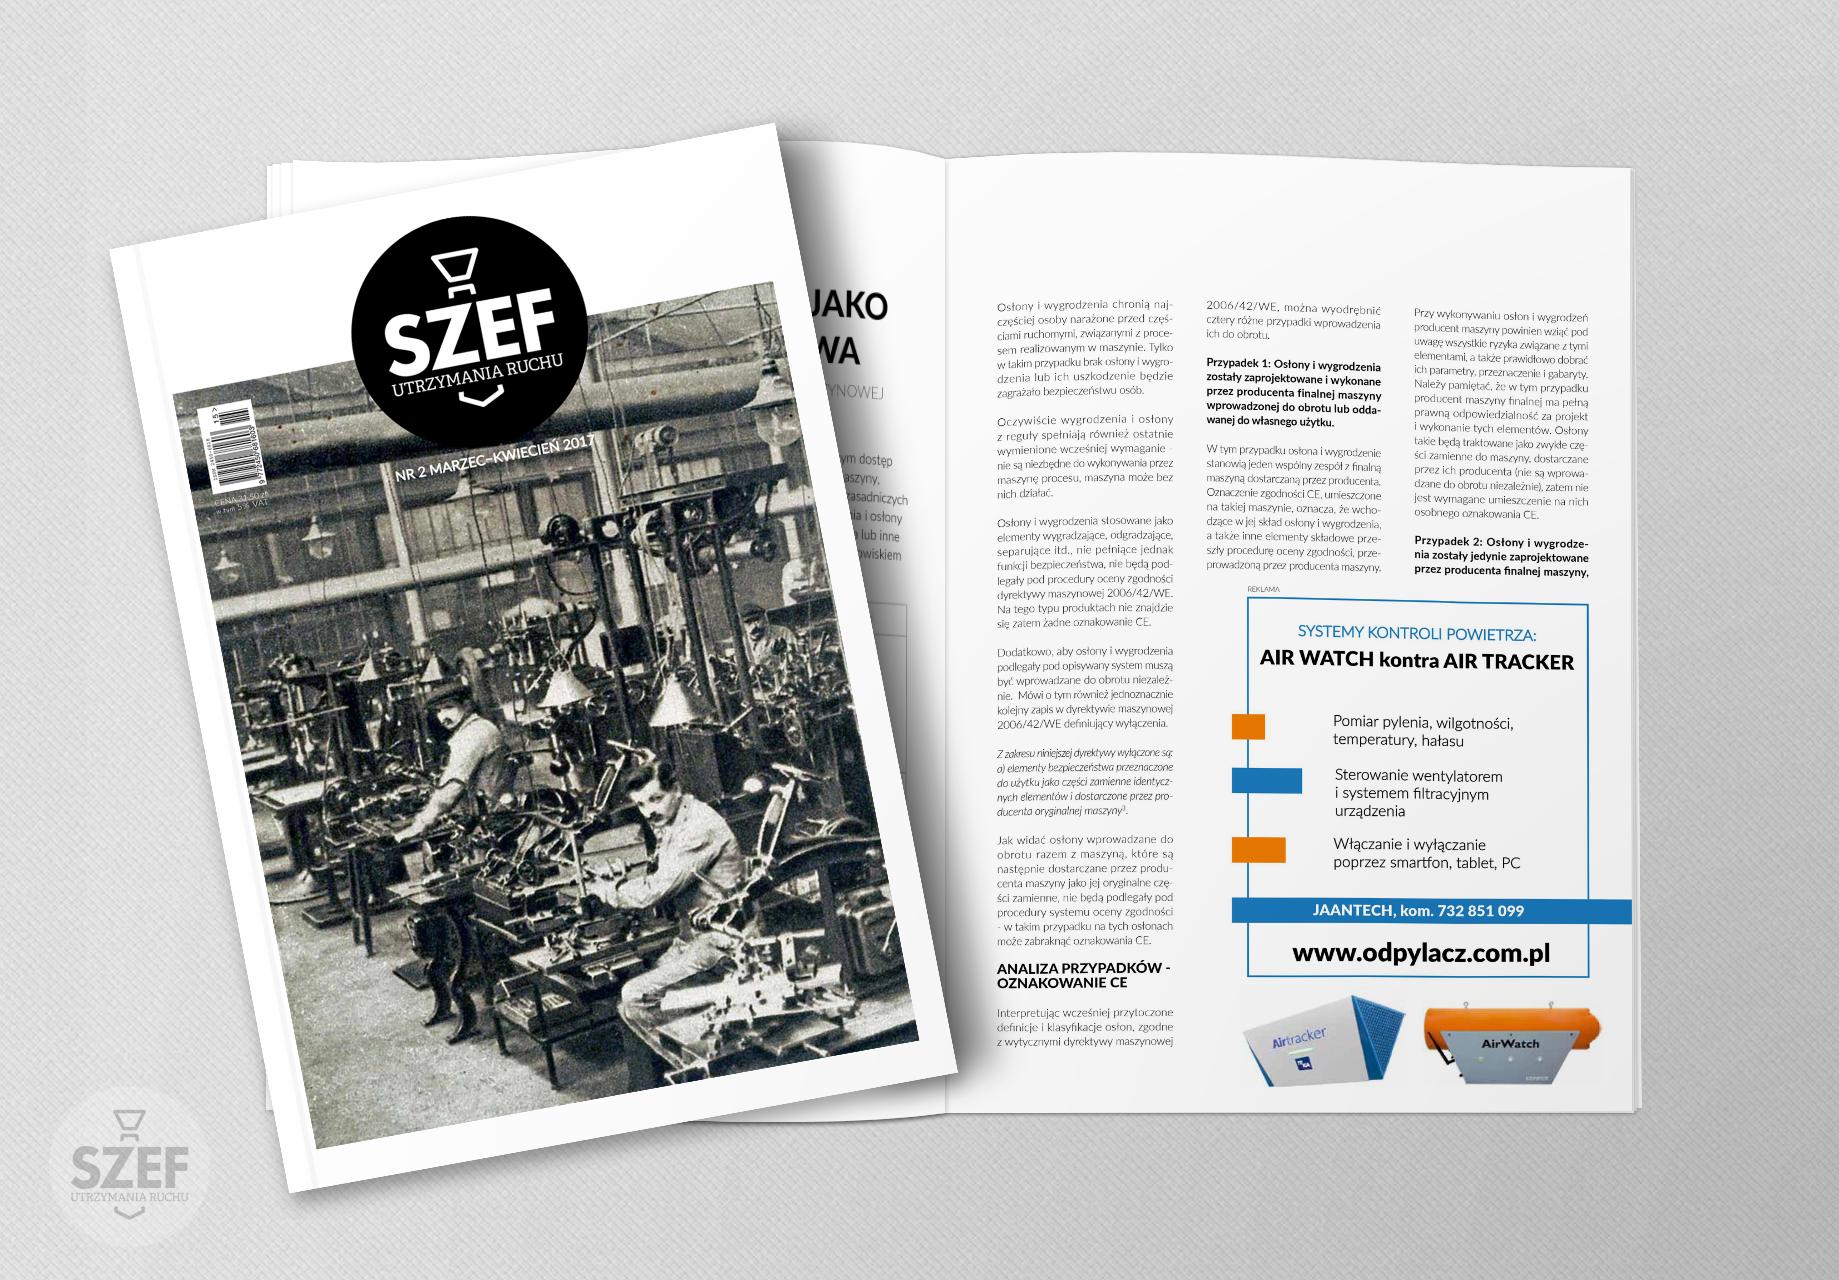 Reklama systemów kontroli powietrza na łamach czasopisma Szef utrzymania ruchu